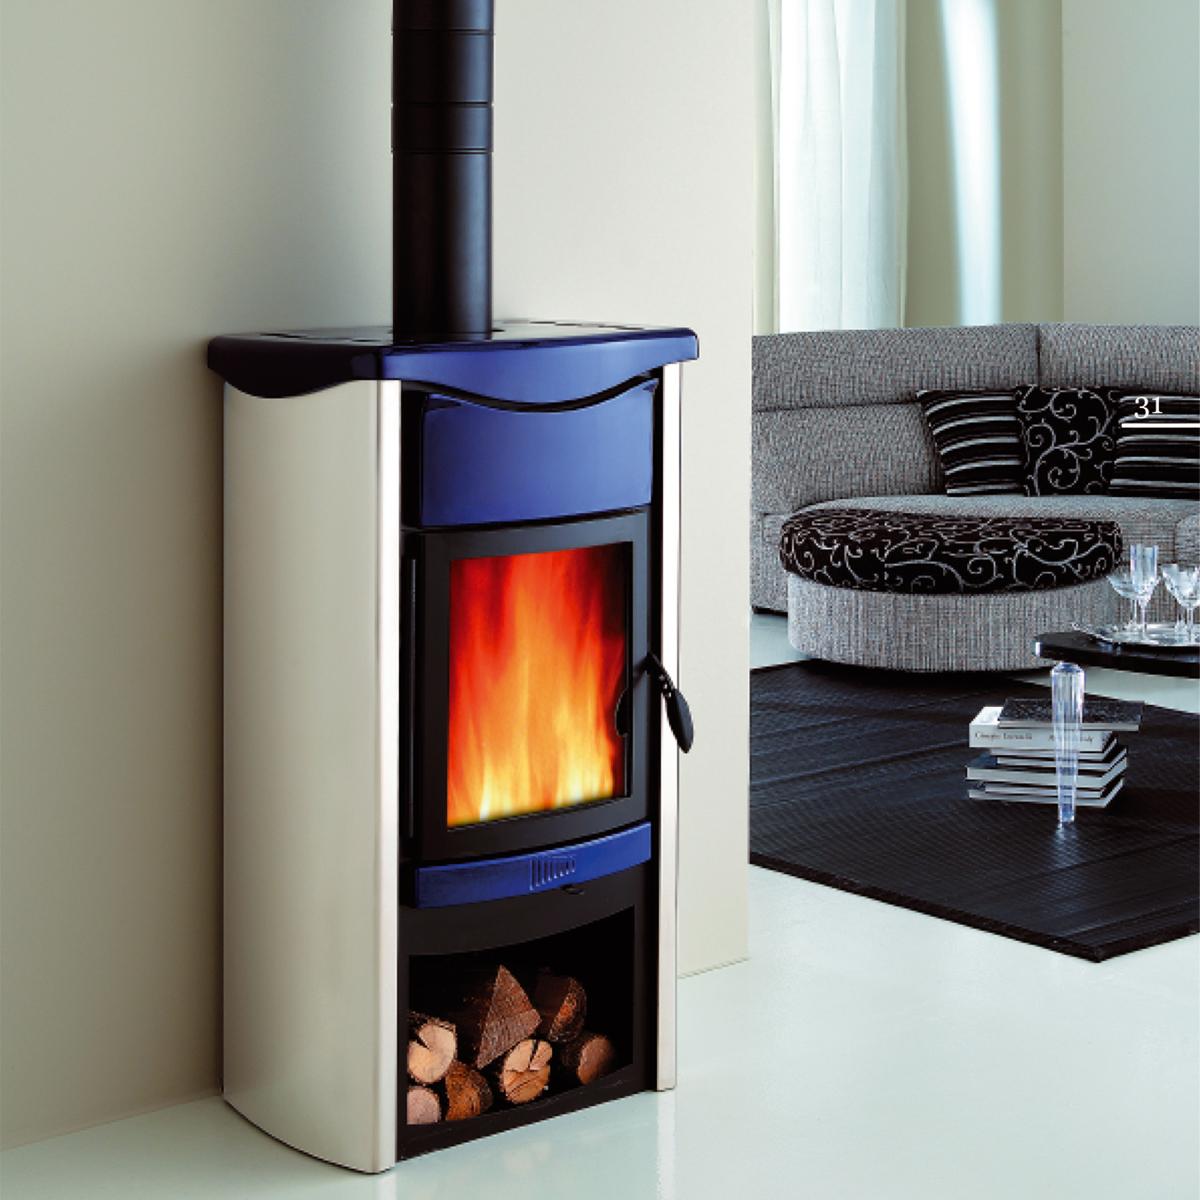 poele bois 5kw. Black Bedroom Furniture Sets. Home Design Ideas